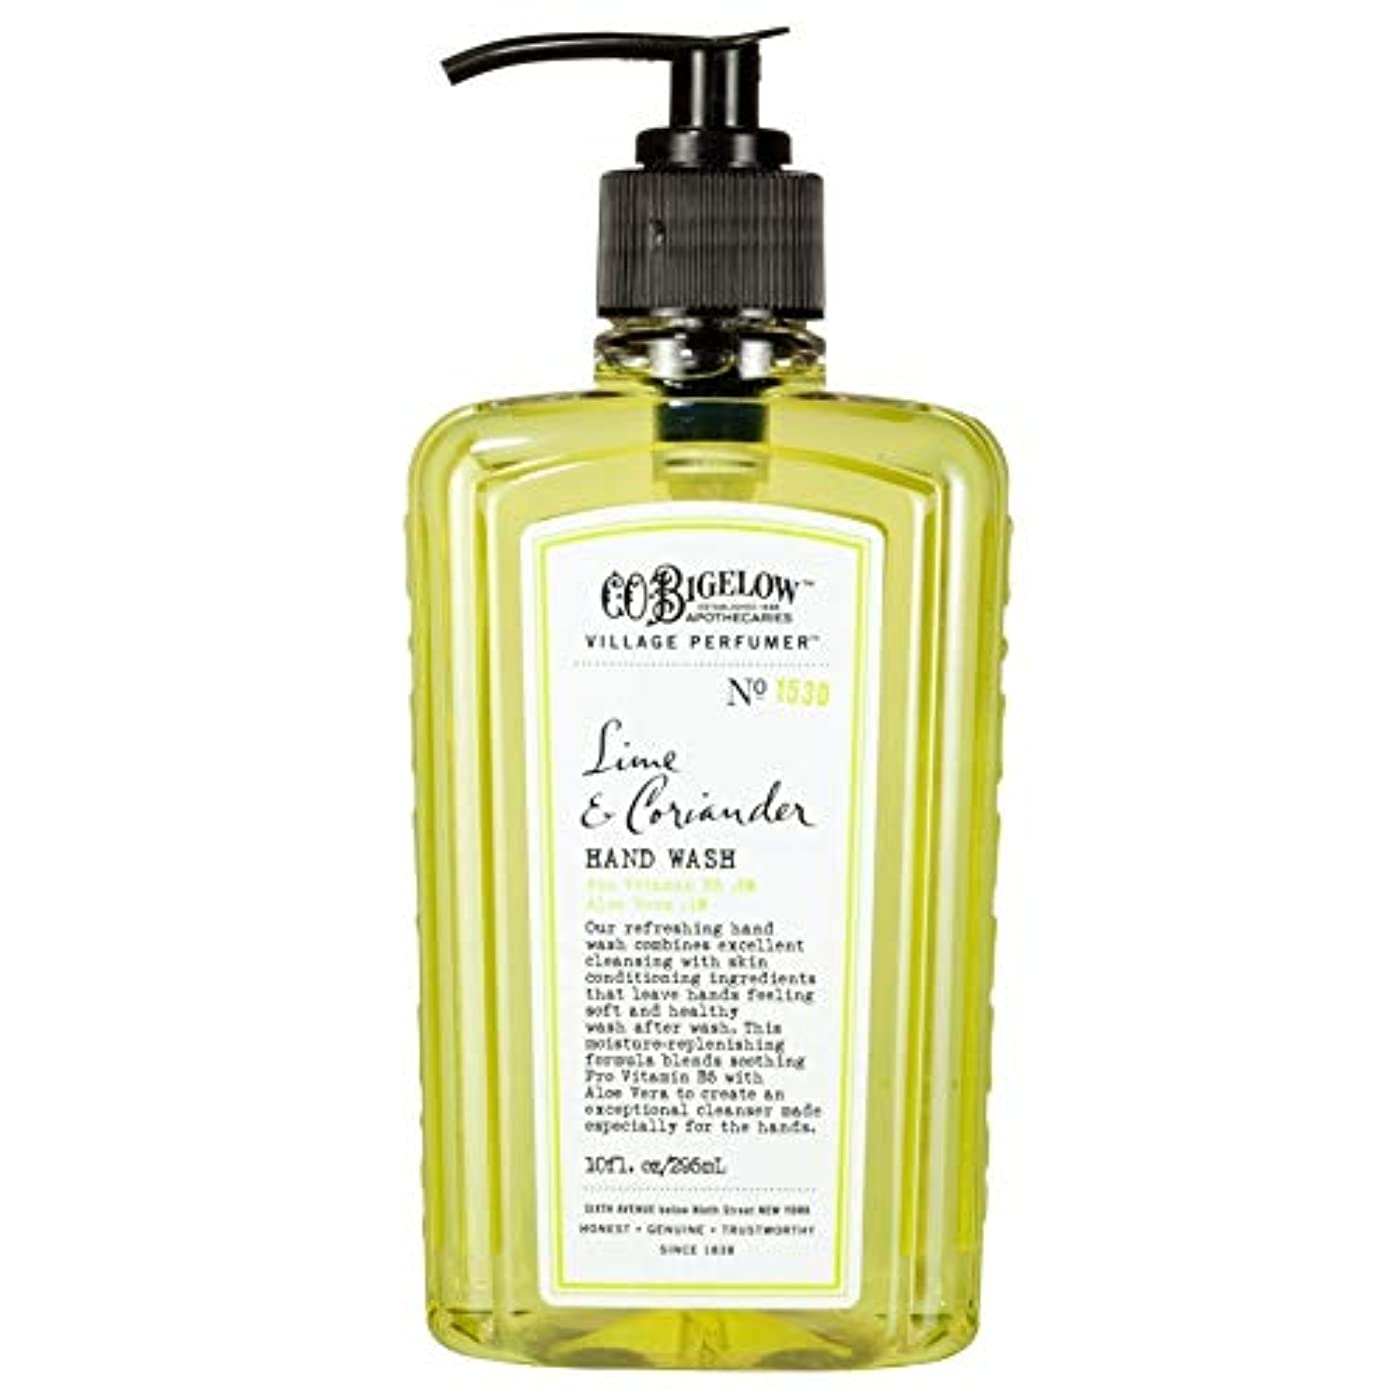 踏みつけペネロペ植木[C.O. Bigelow] C.O.ビゲローライムとコリアンダー手洗い - C.O. Bigelow Lime and Coriander Hand Wash [並行輸入品]